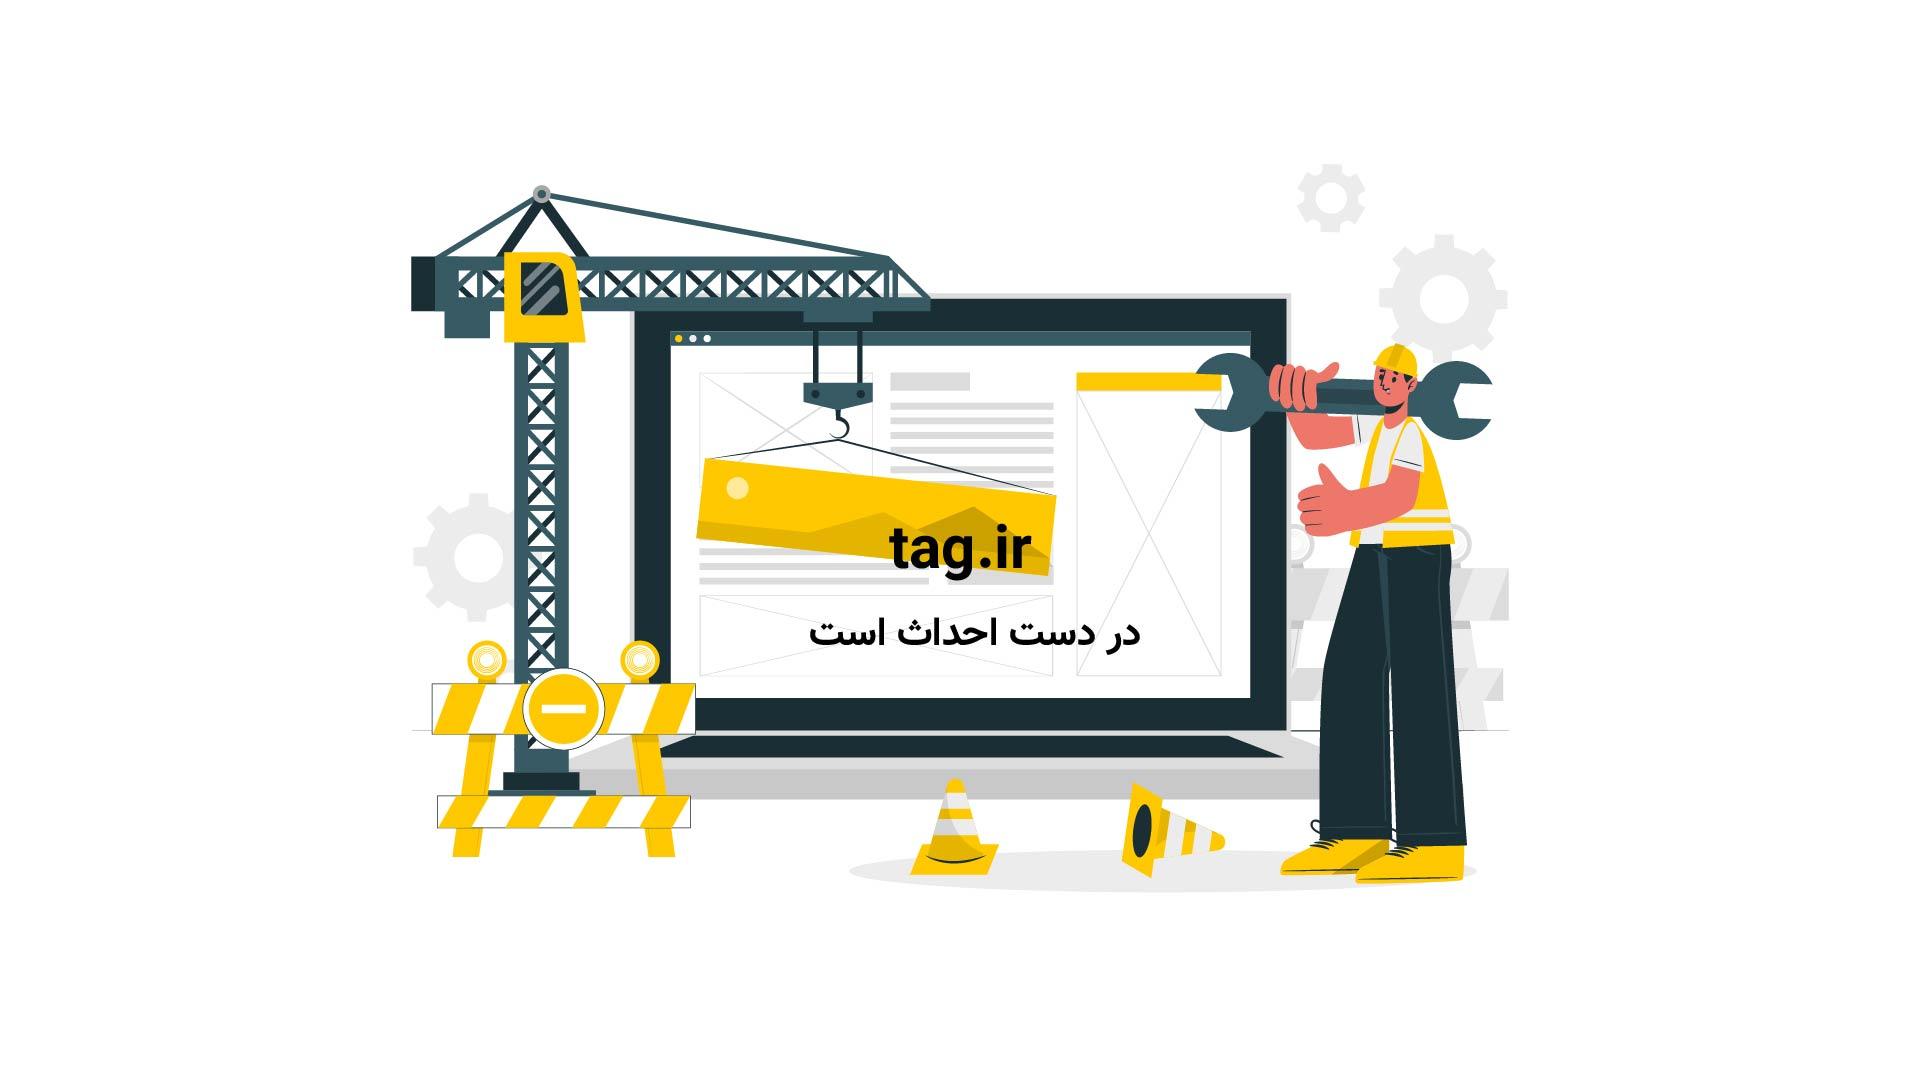 عناوین روزنامه های صبح پنجشنبه 4 خرداد | فیلم